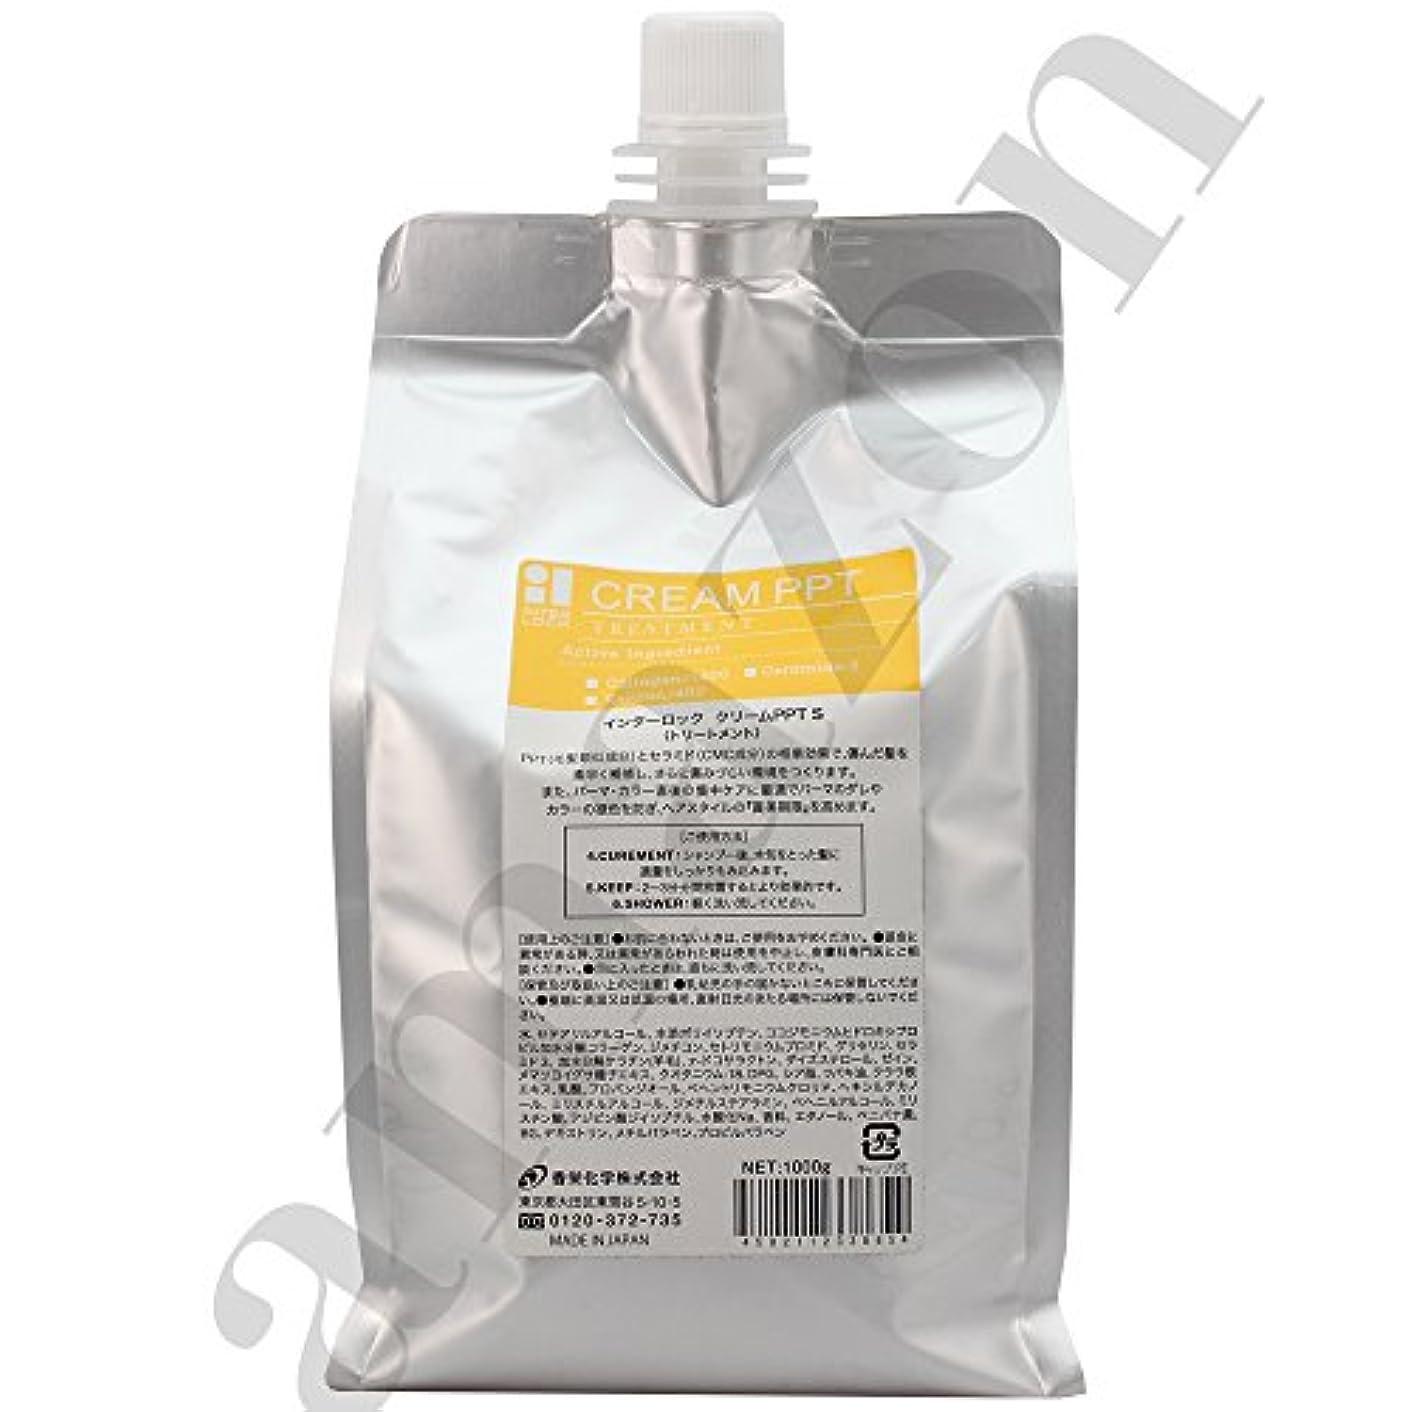 香栄化学 インターロック クリームPPT S レフィル 1000g